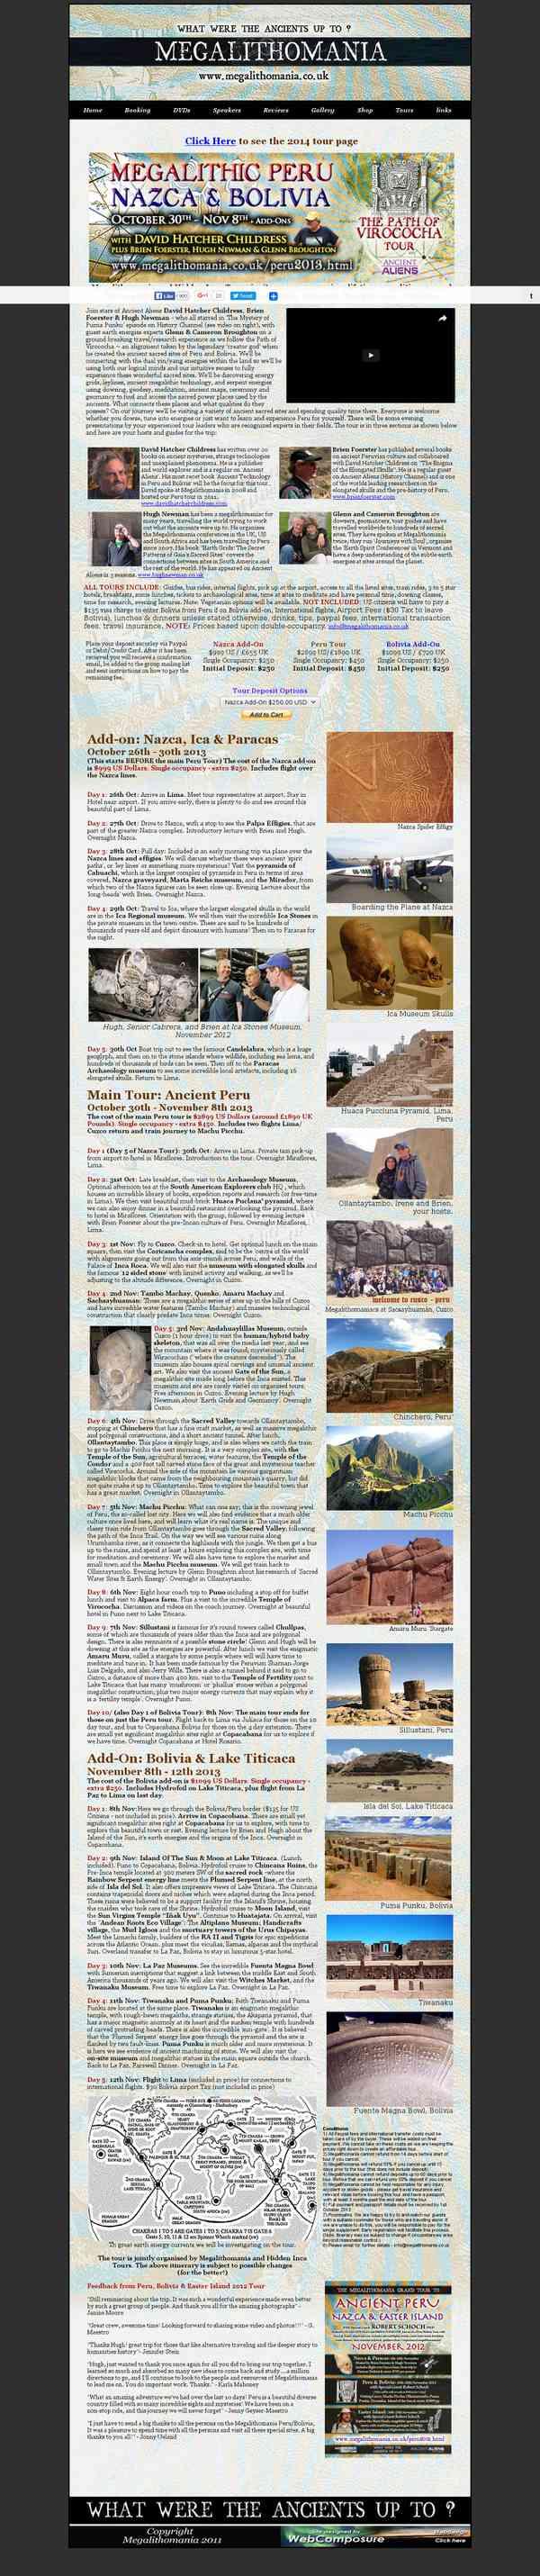 Megalithomania Peru, Nazca & Bolivia Tour November 2013